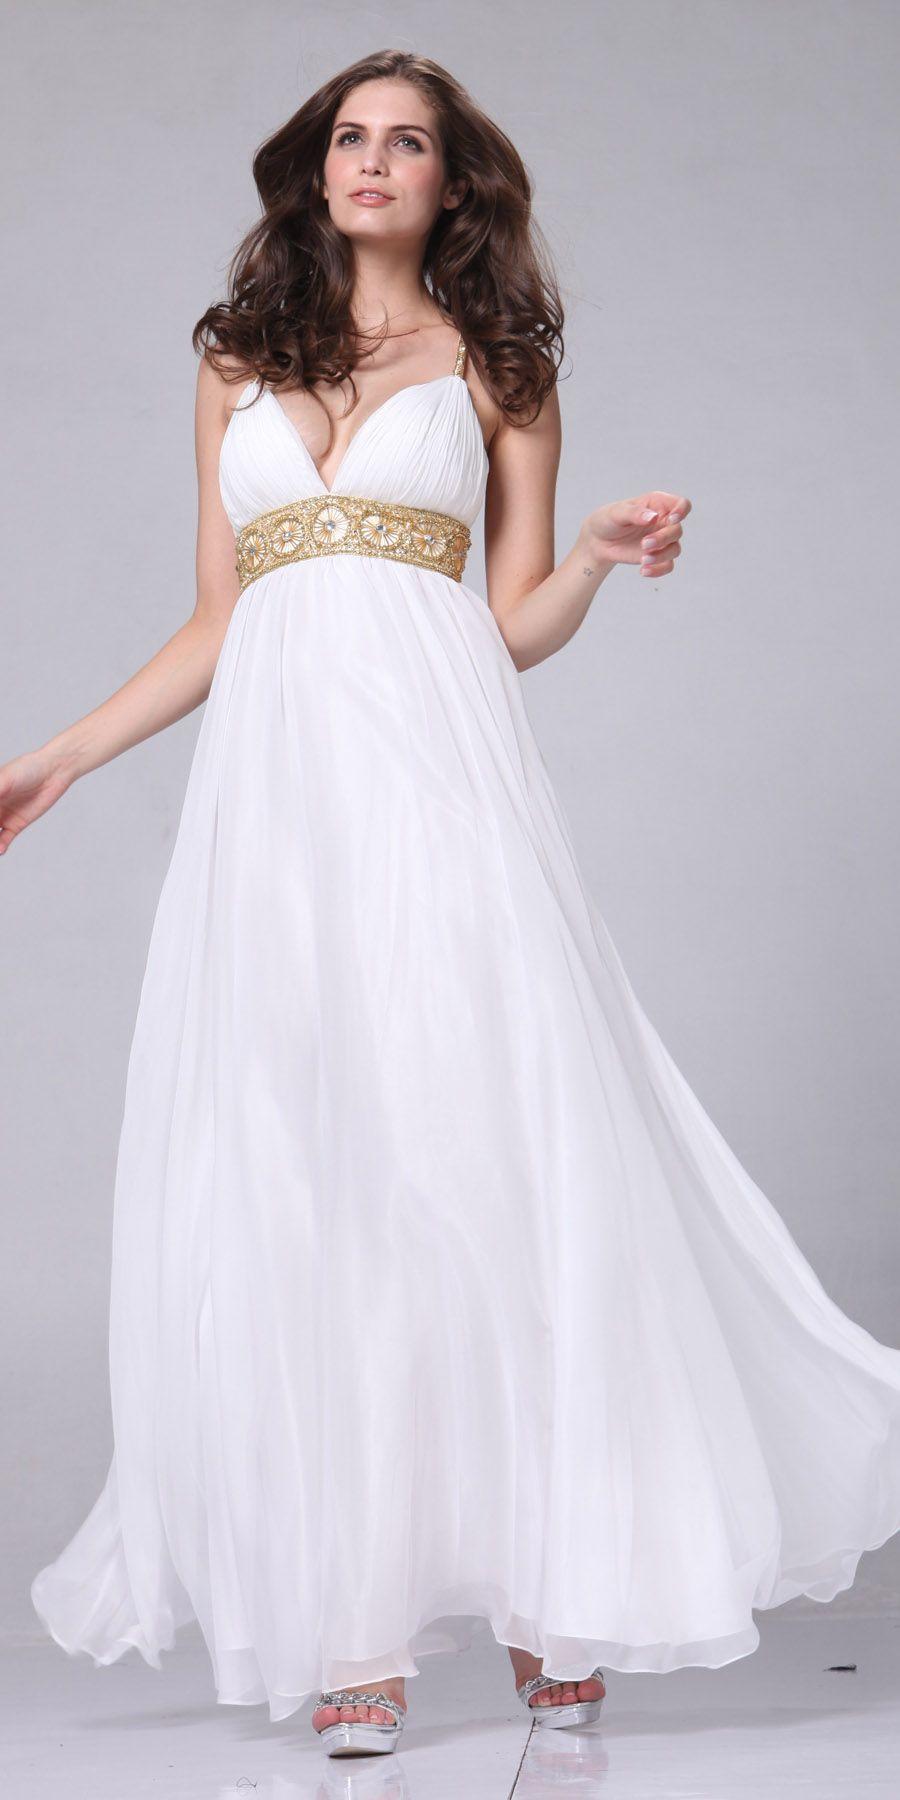 Greek Style Wedding Dress 49.00 Size 16 #